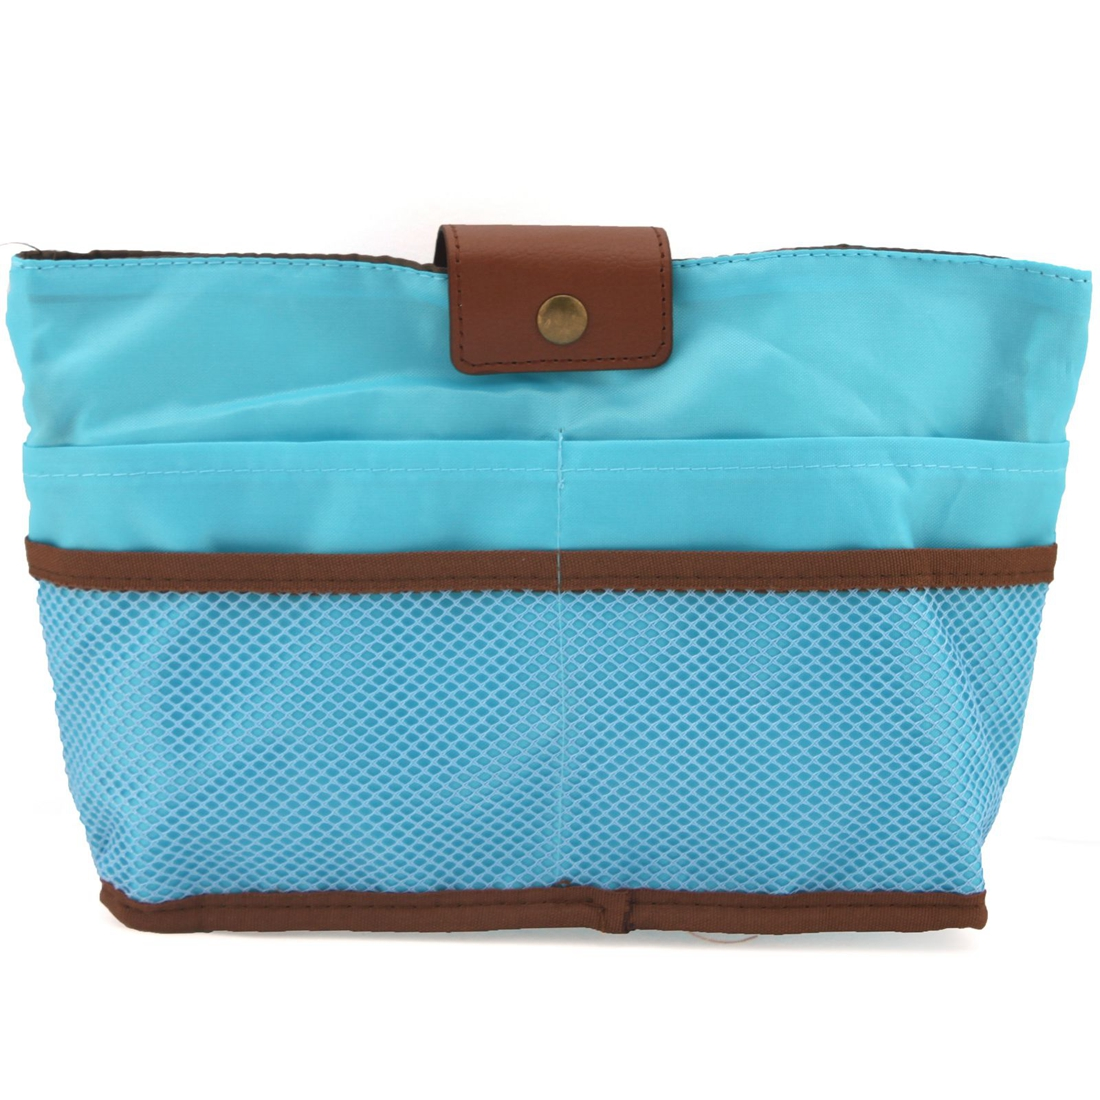 NicerDicer Синий цвет женская сумка организатор поездки функцию хранения дело по телефону косметические нуждается в темно красный